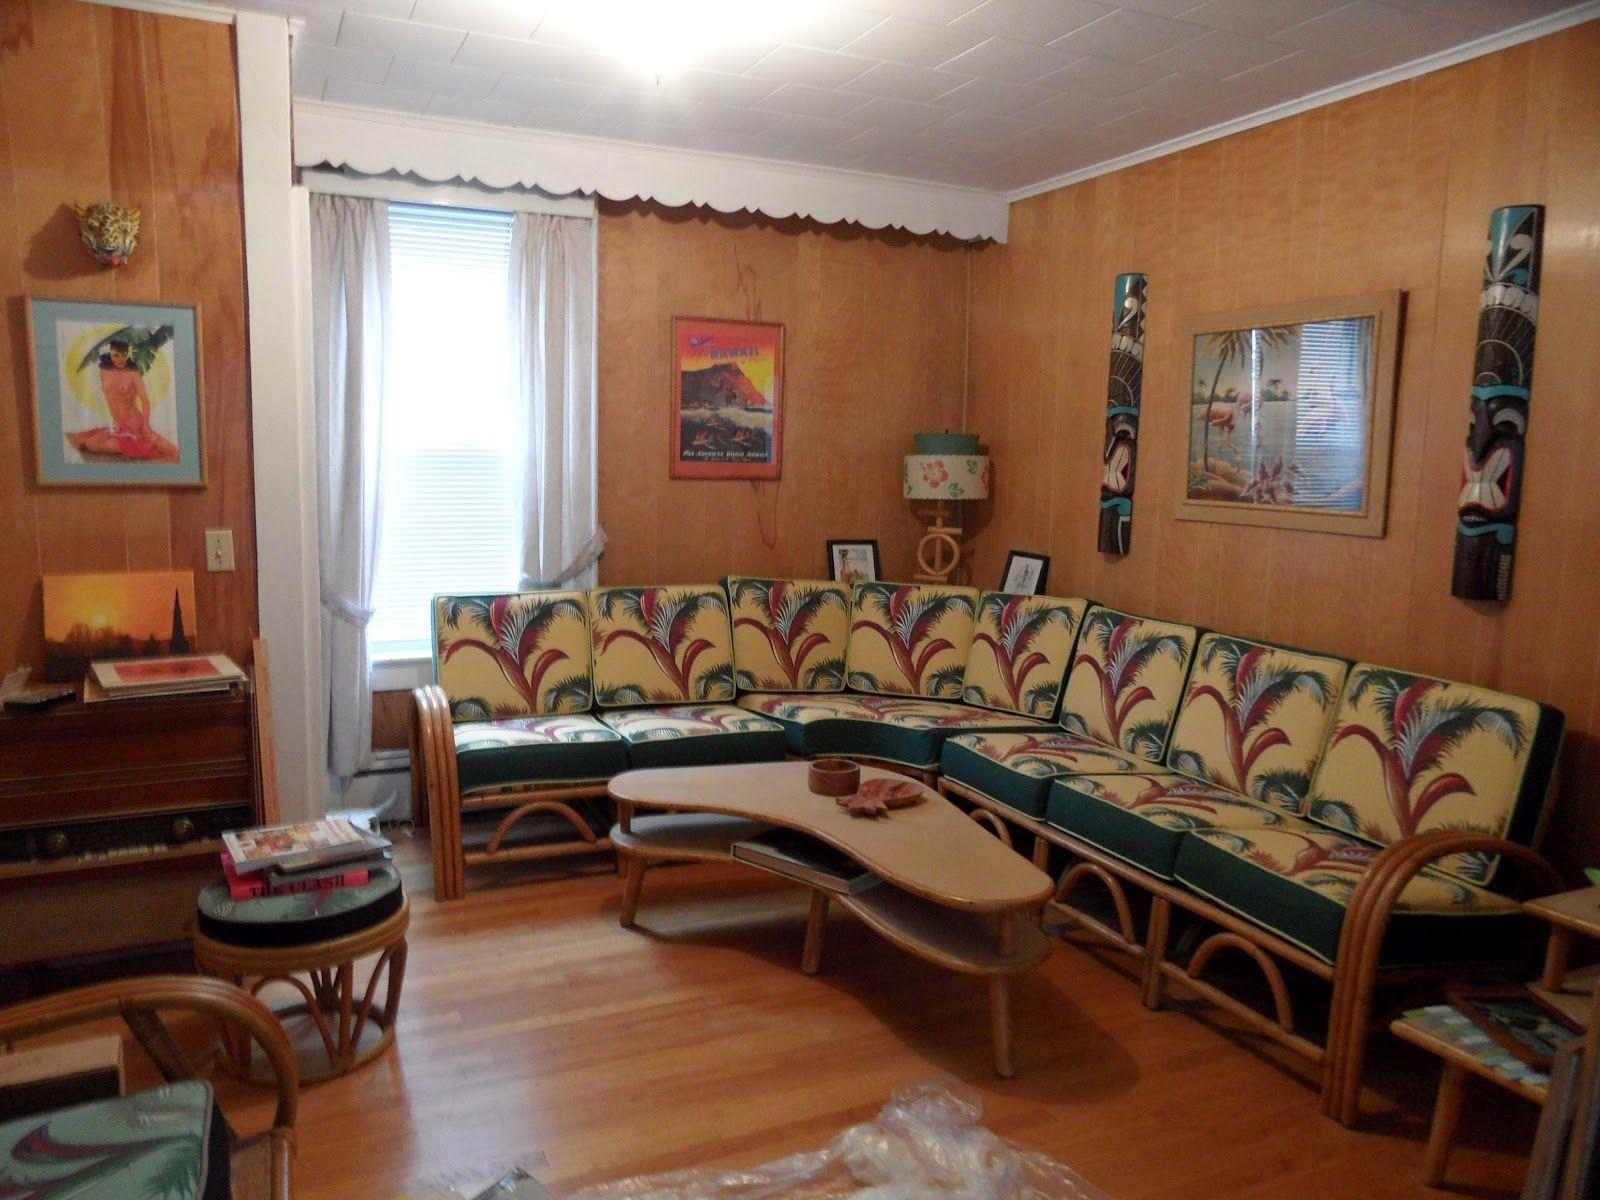 1950S Decor 1950S Atomic Tiki Decor  Nature Asid  Pinterest  Tiki Decor